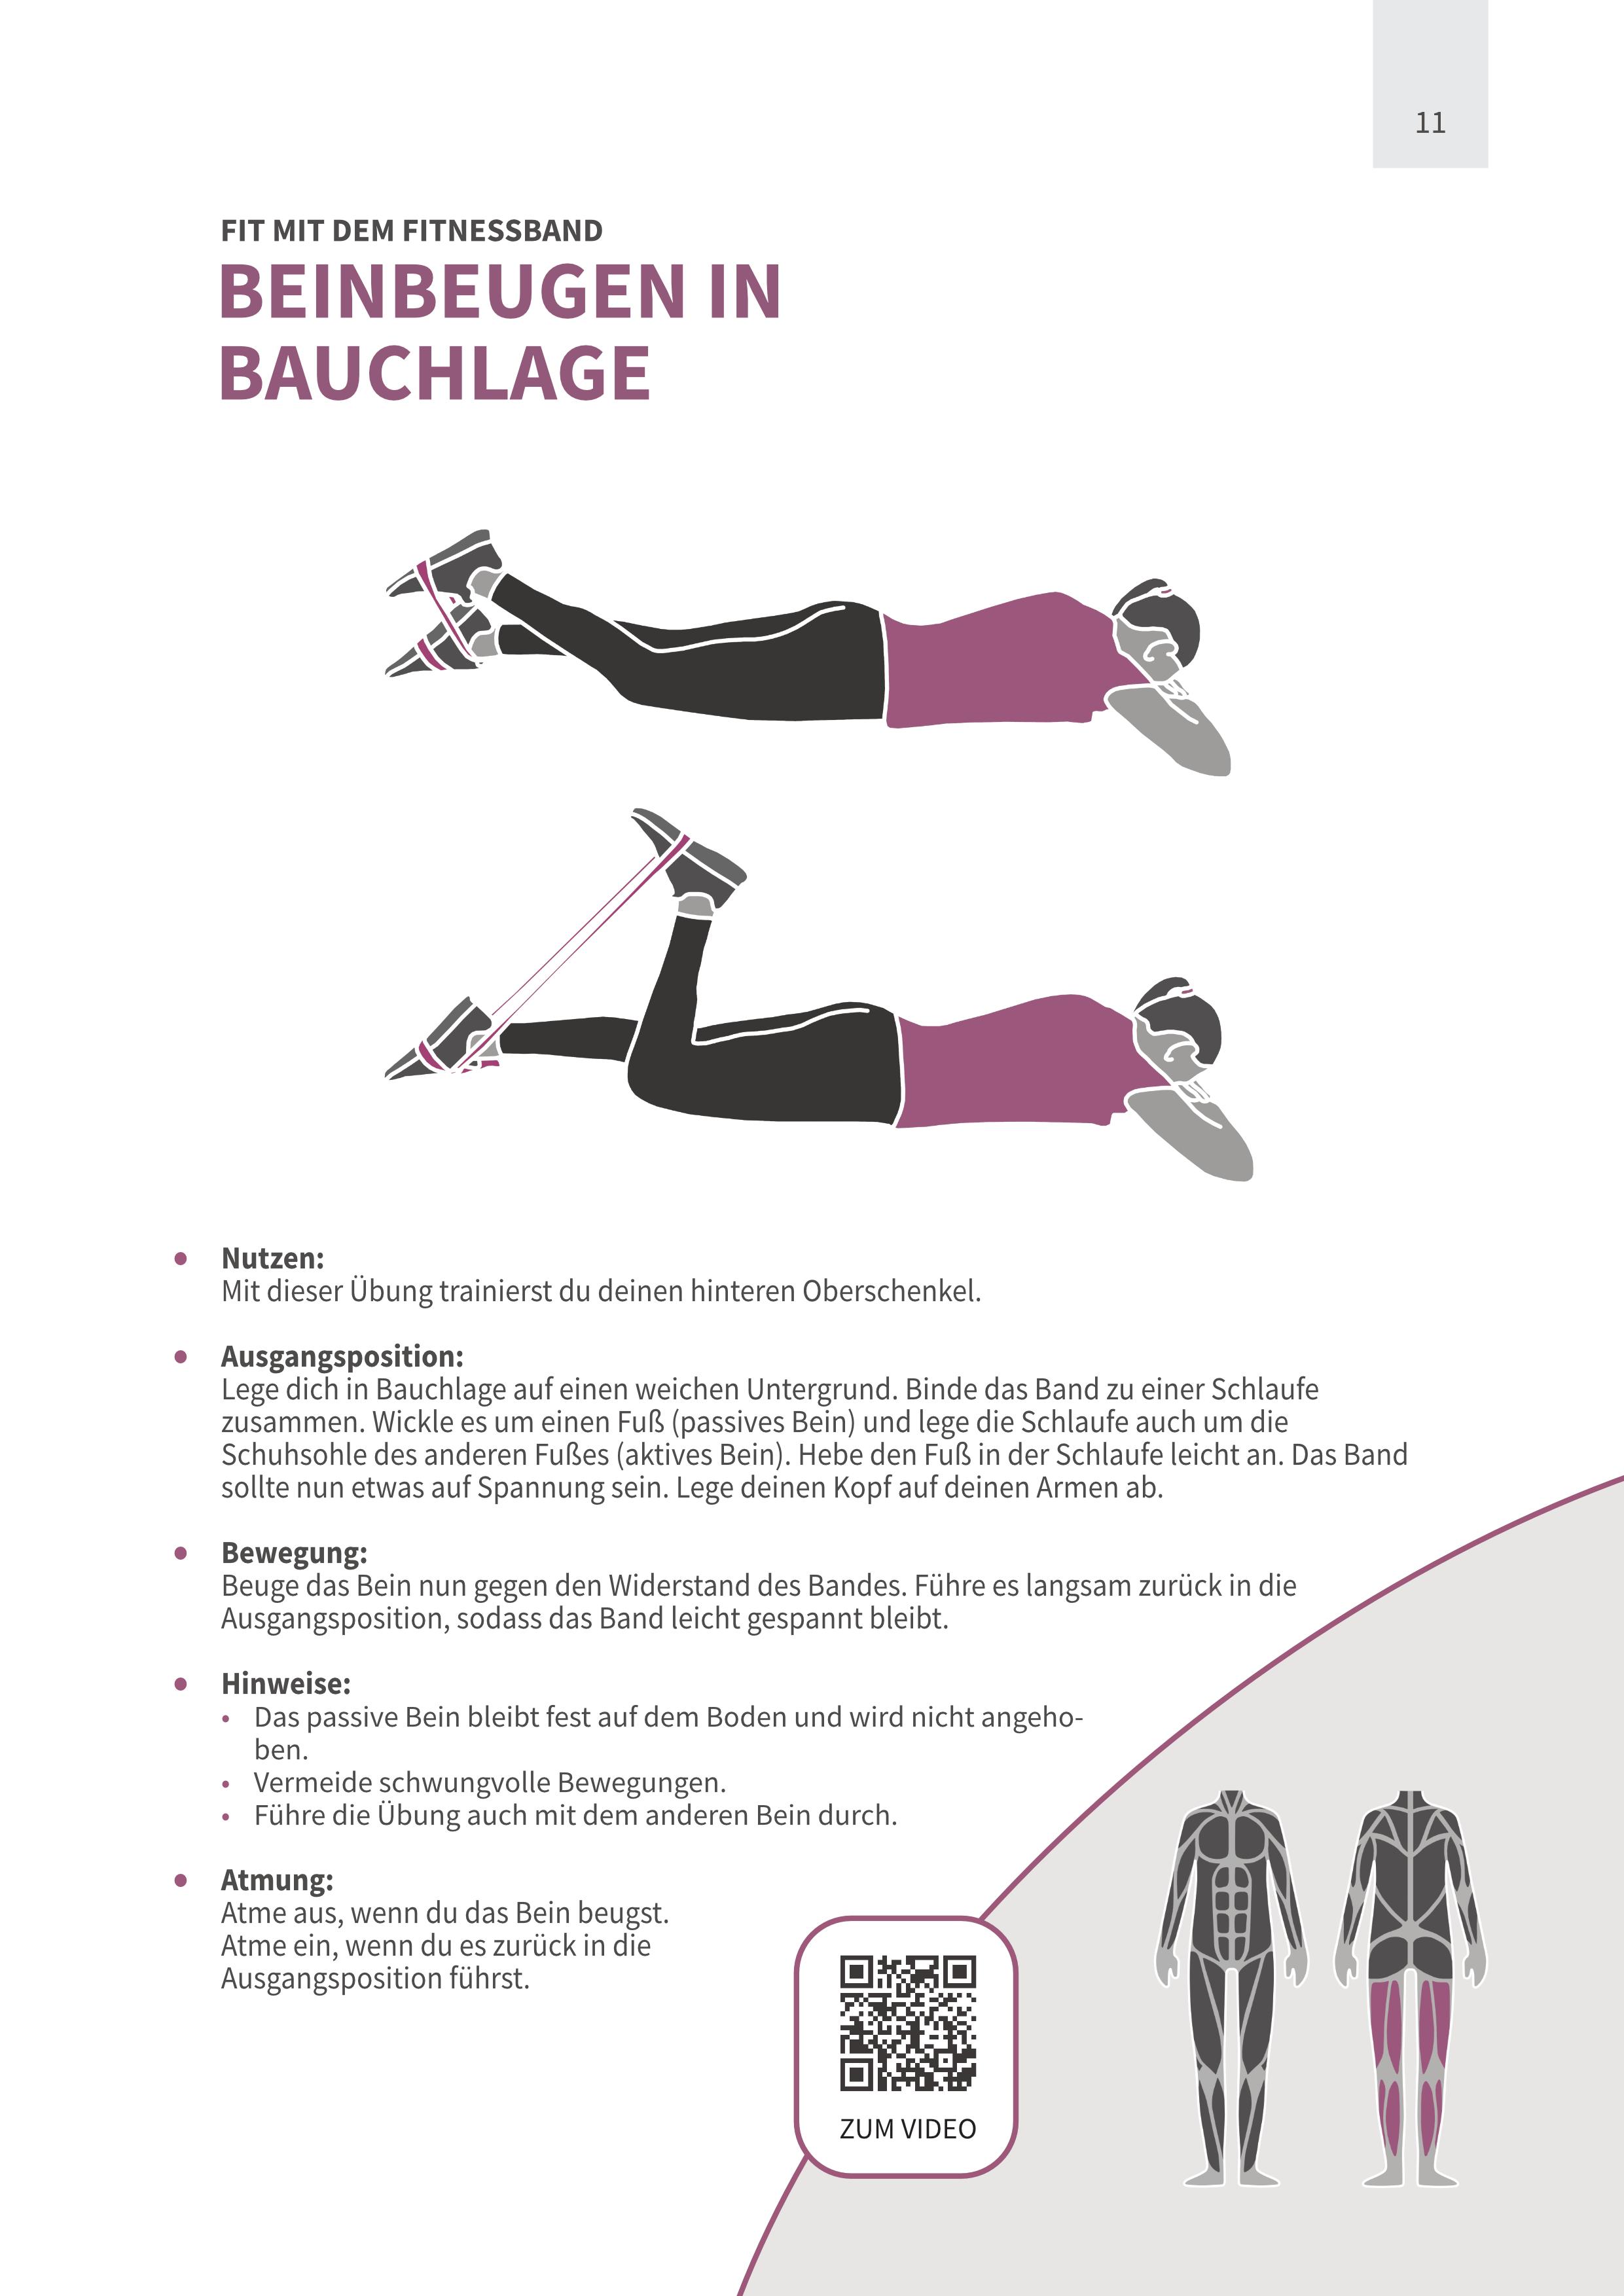 Beinbeugen in Bauchlage mit Fitnessband